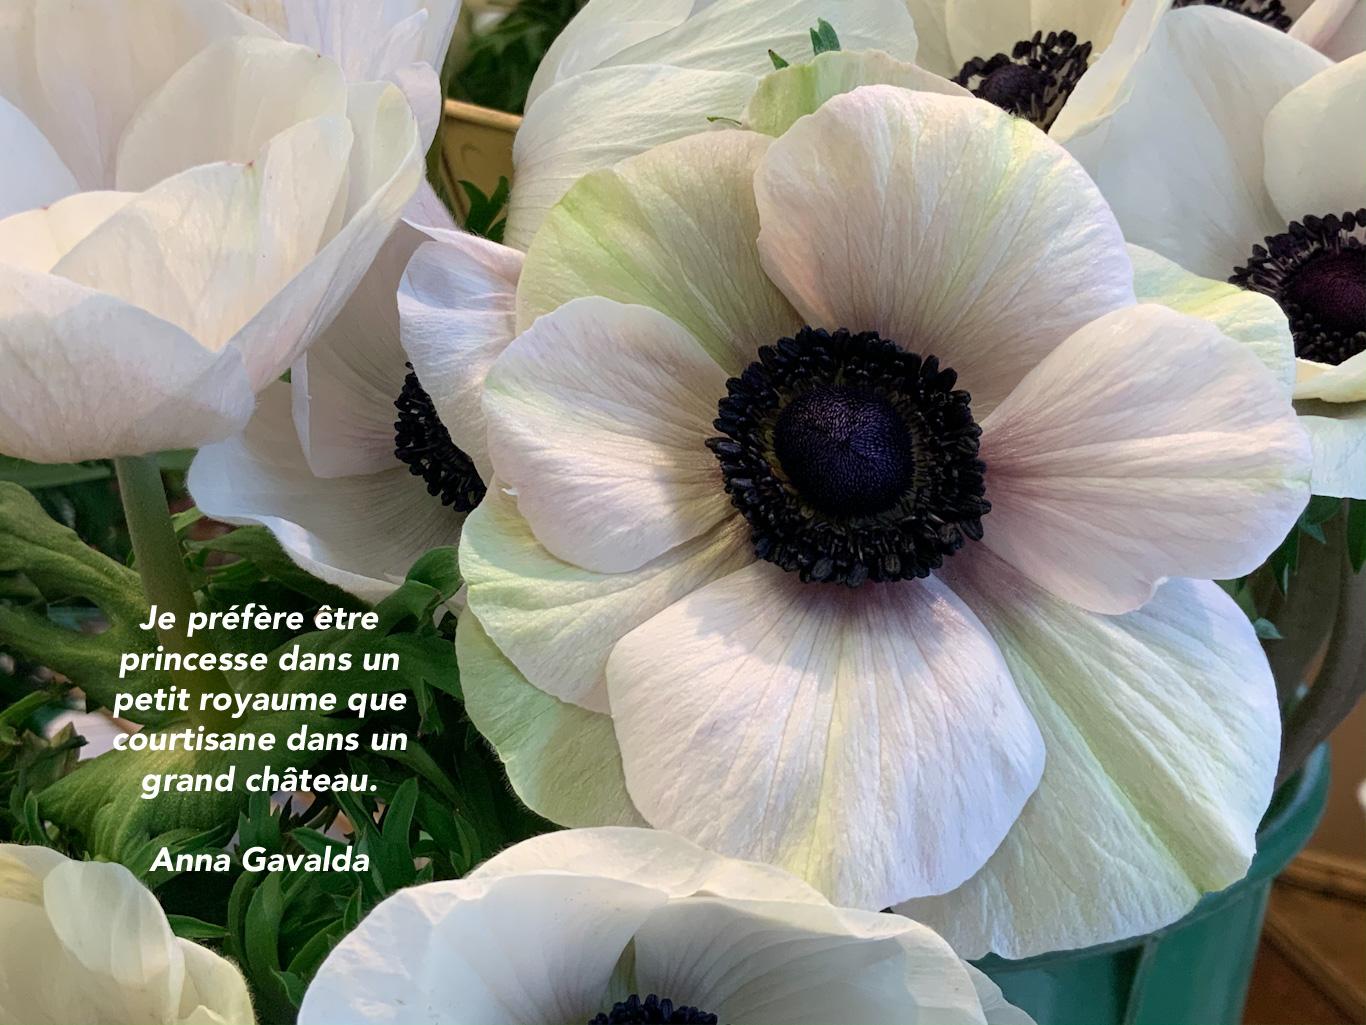 Citation sur un fond de grandes fleurs blanches